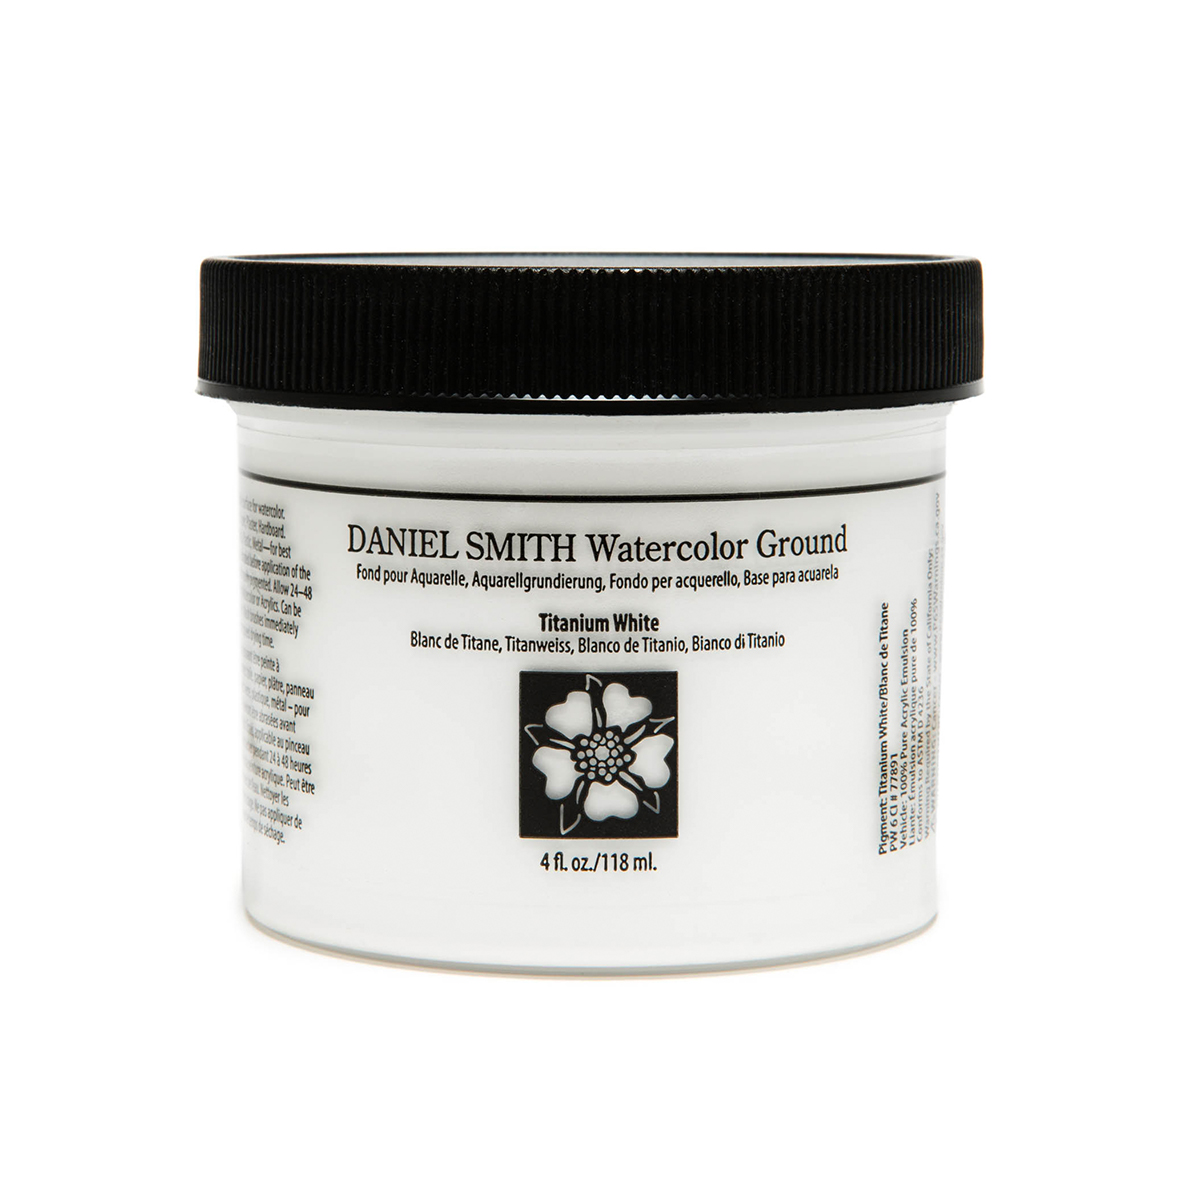 DANIEL SMITH お歳暮 チタニウムホワイト 完売 Titanium White 118ml ダニエル スミス グラウンド